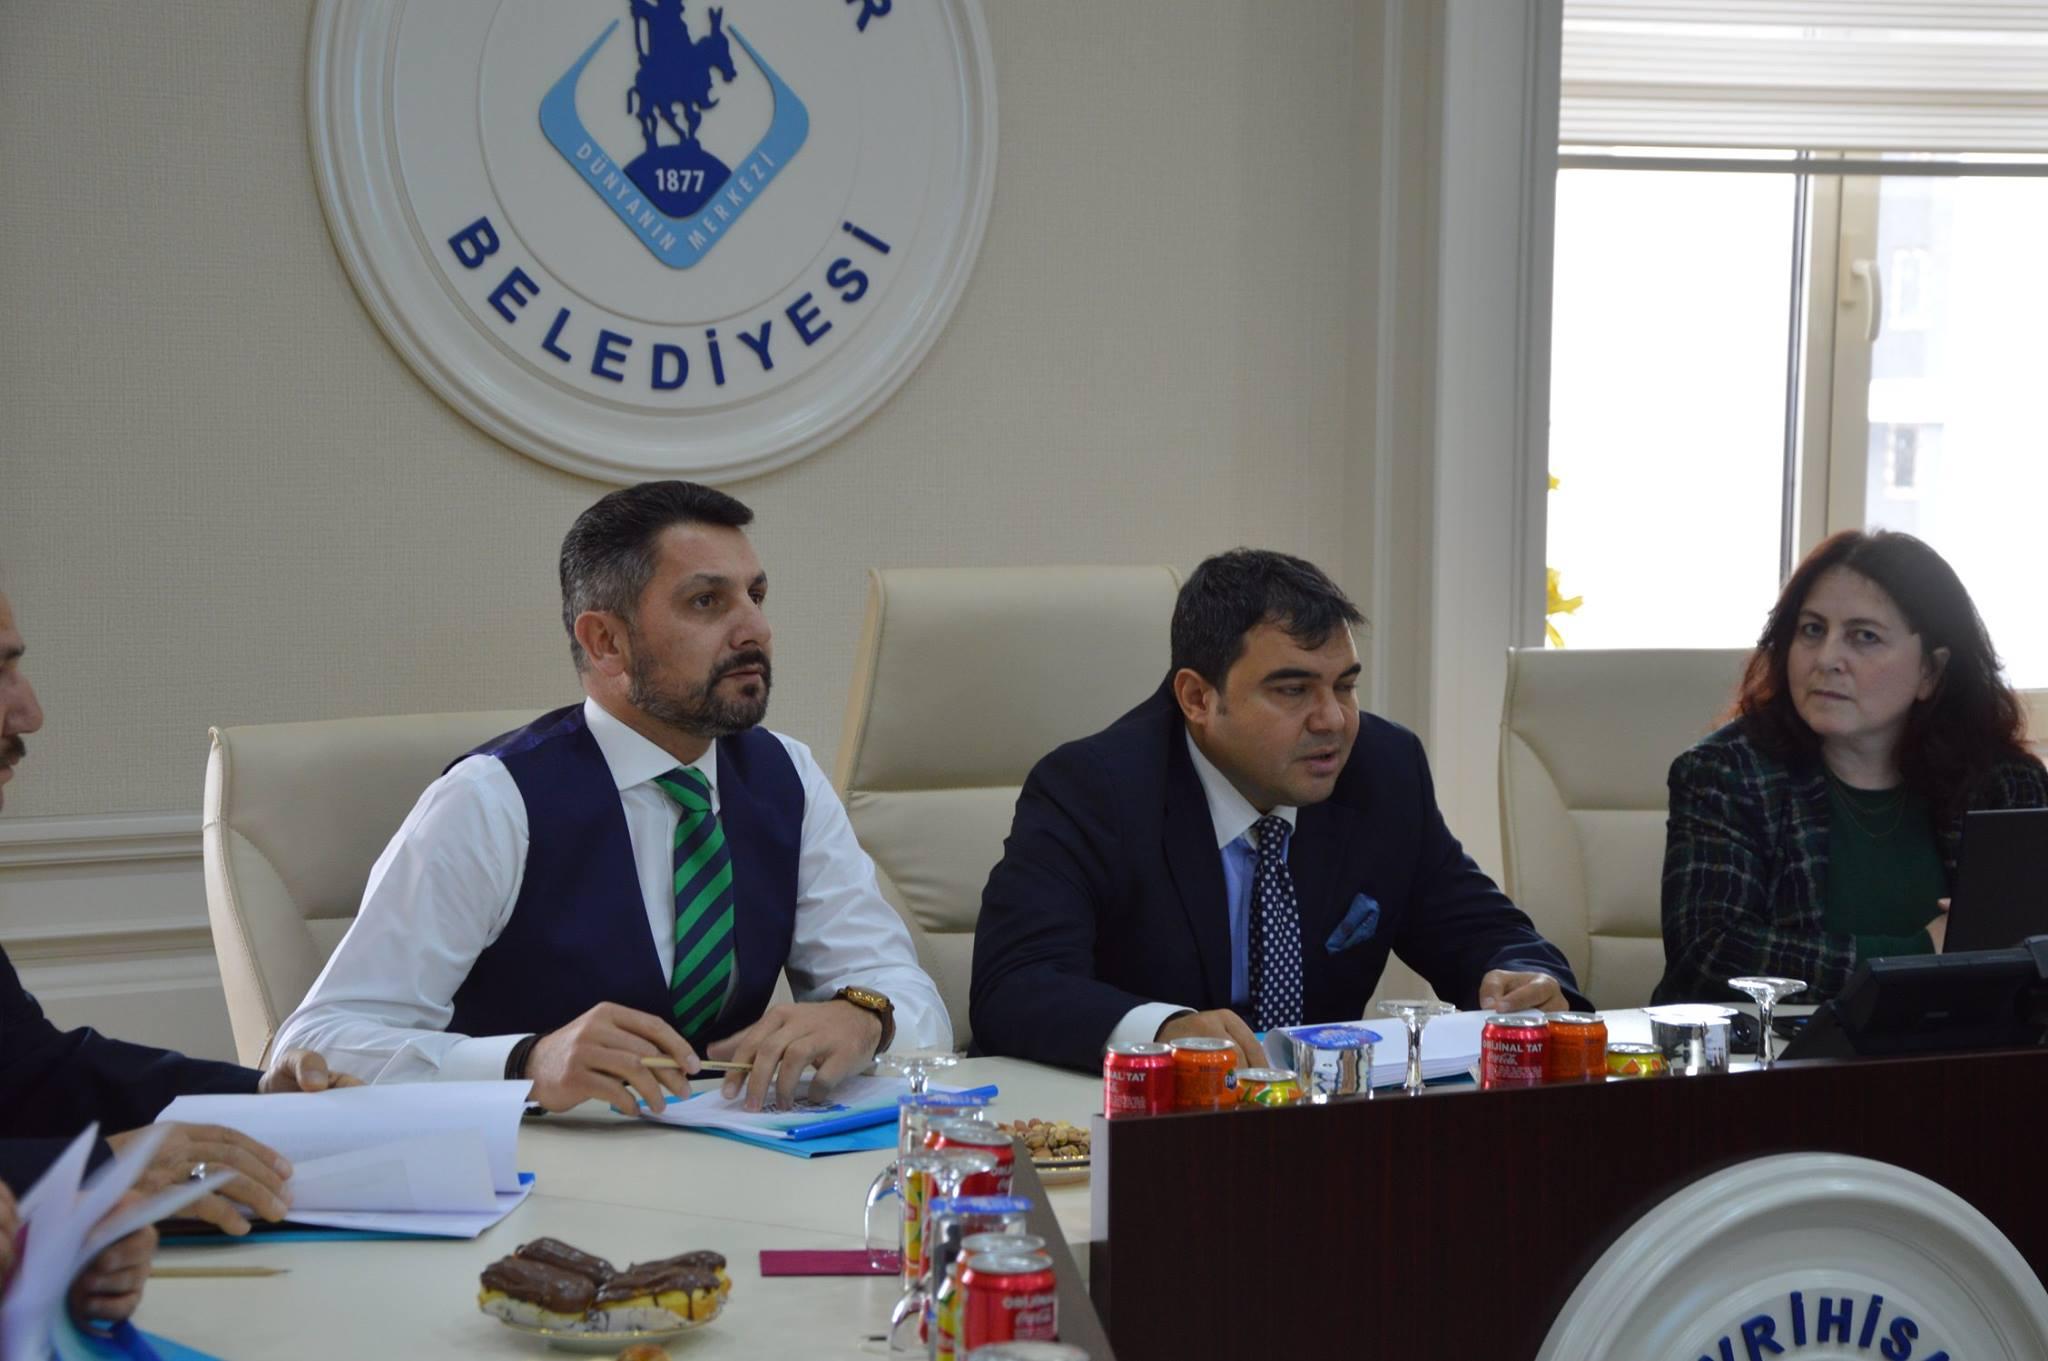 Eskişehir Vali Yardımcımız Alper Balcı Başkanlığında Sivrihisar Organize Sanayi Bölgesi 2018 Yılı Son Olağan Müteşebbis Heyet Toplantımızı Gerçekleştirdik.